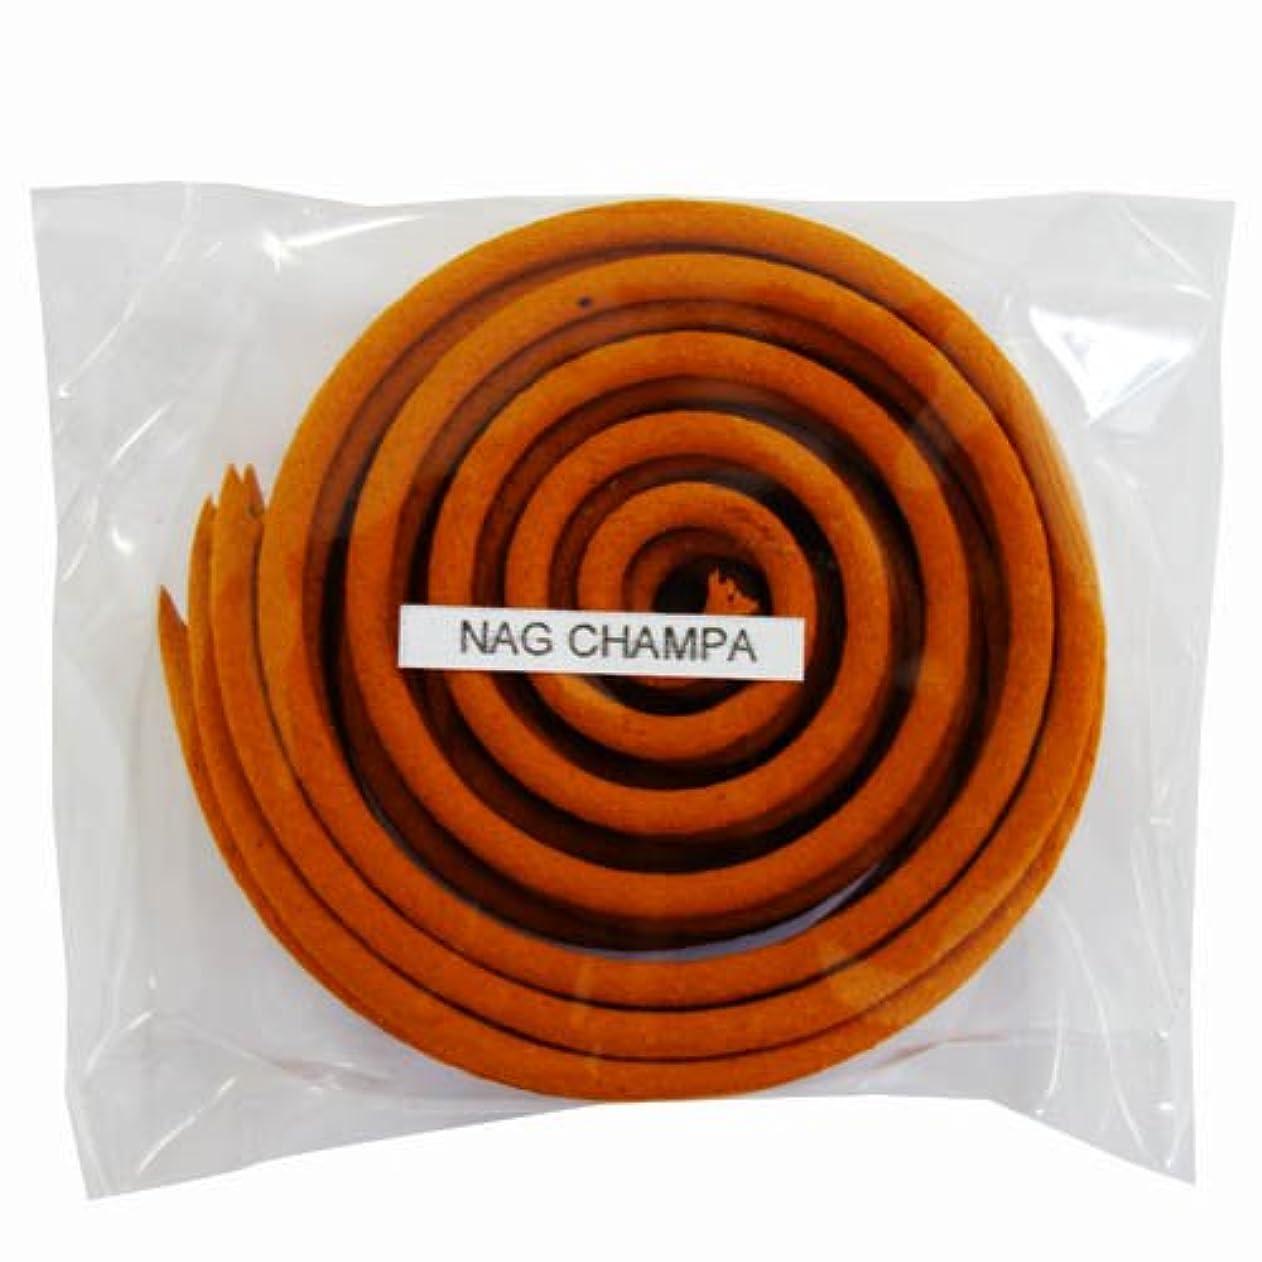 評価可能アニメーション引き受けるお香/うずまき香 NAG CHAMPA ナグチャンパ 直径6.5cm×5巻セット [並行輸入品]